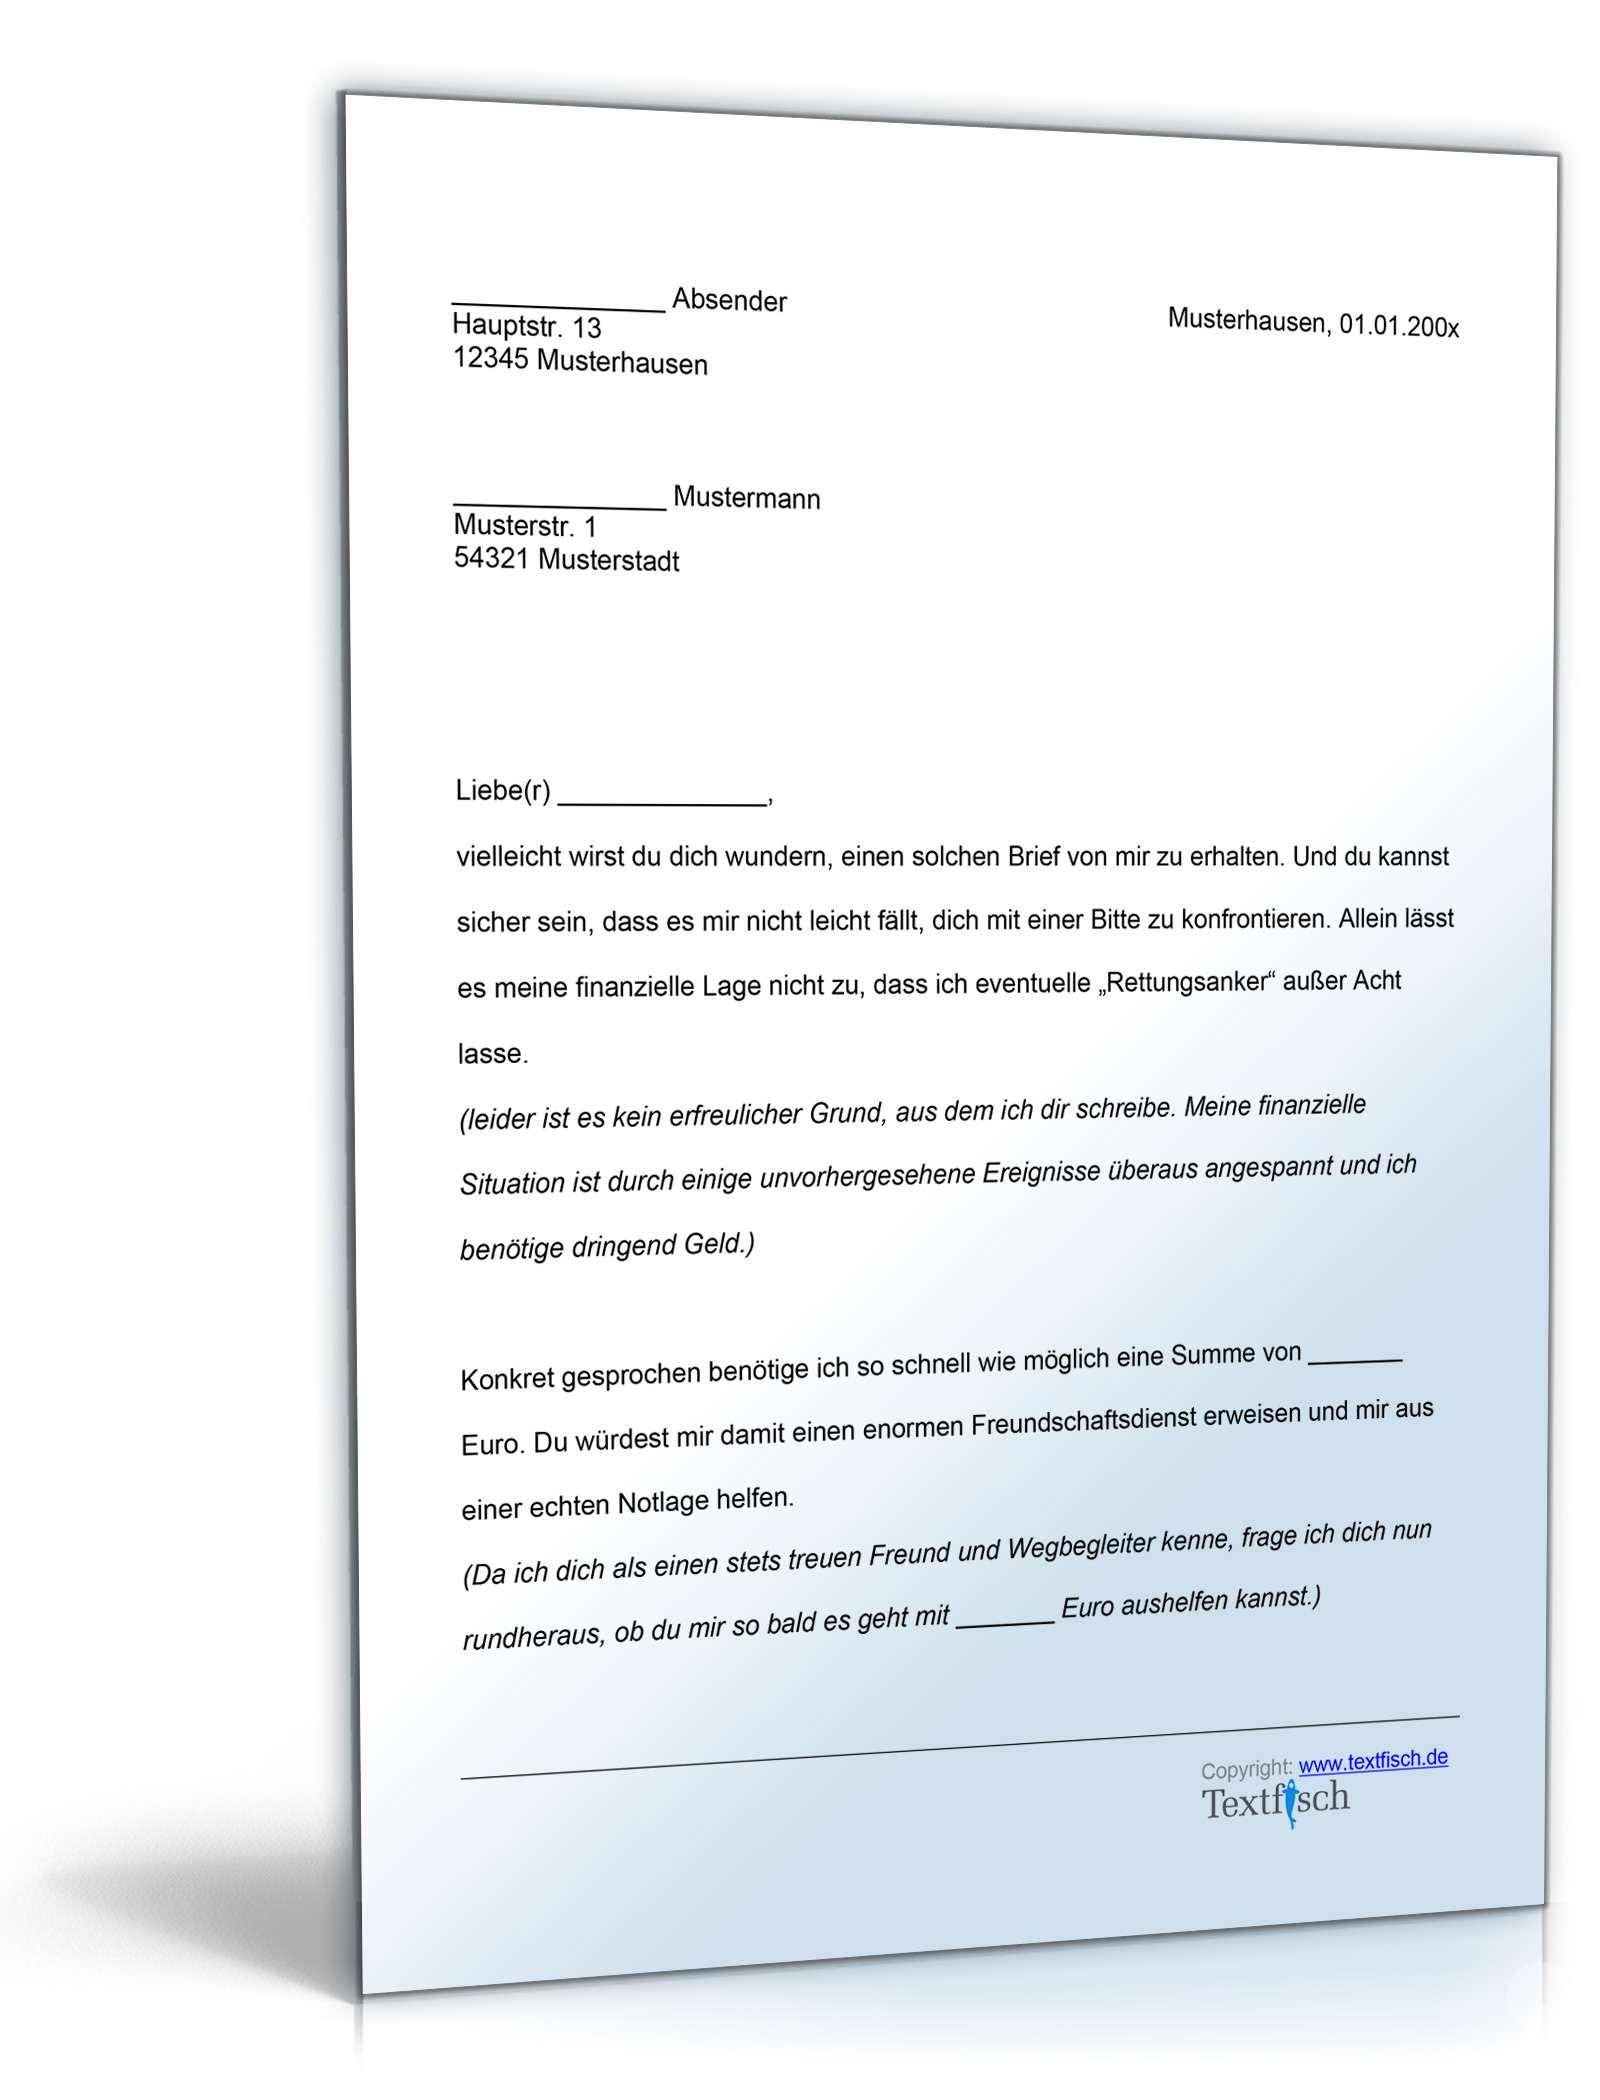 Ausgezeichnet Musterbrief Von Unterstützung Galerie - Bilder für ...